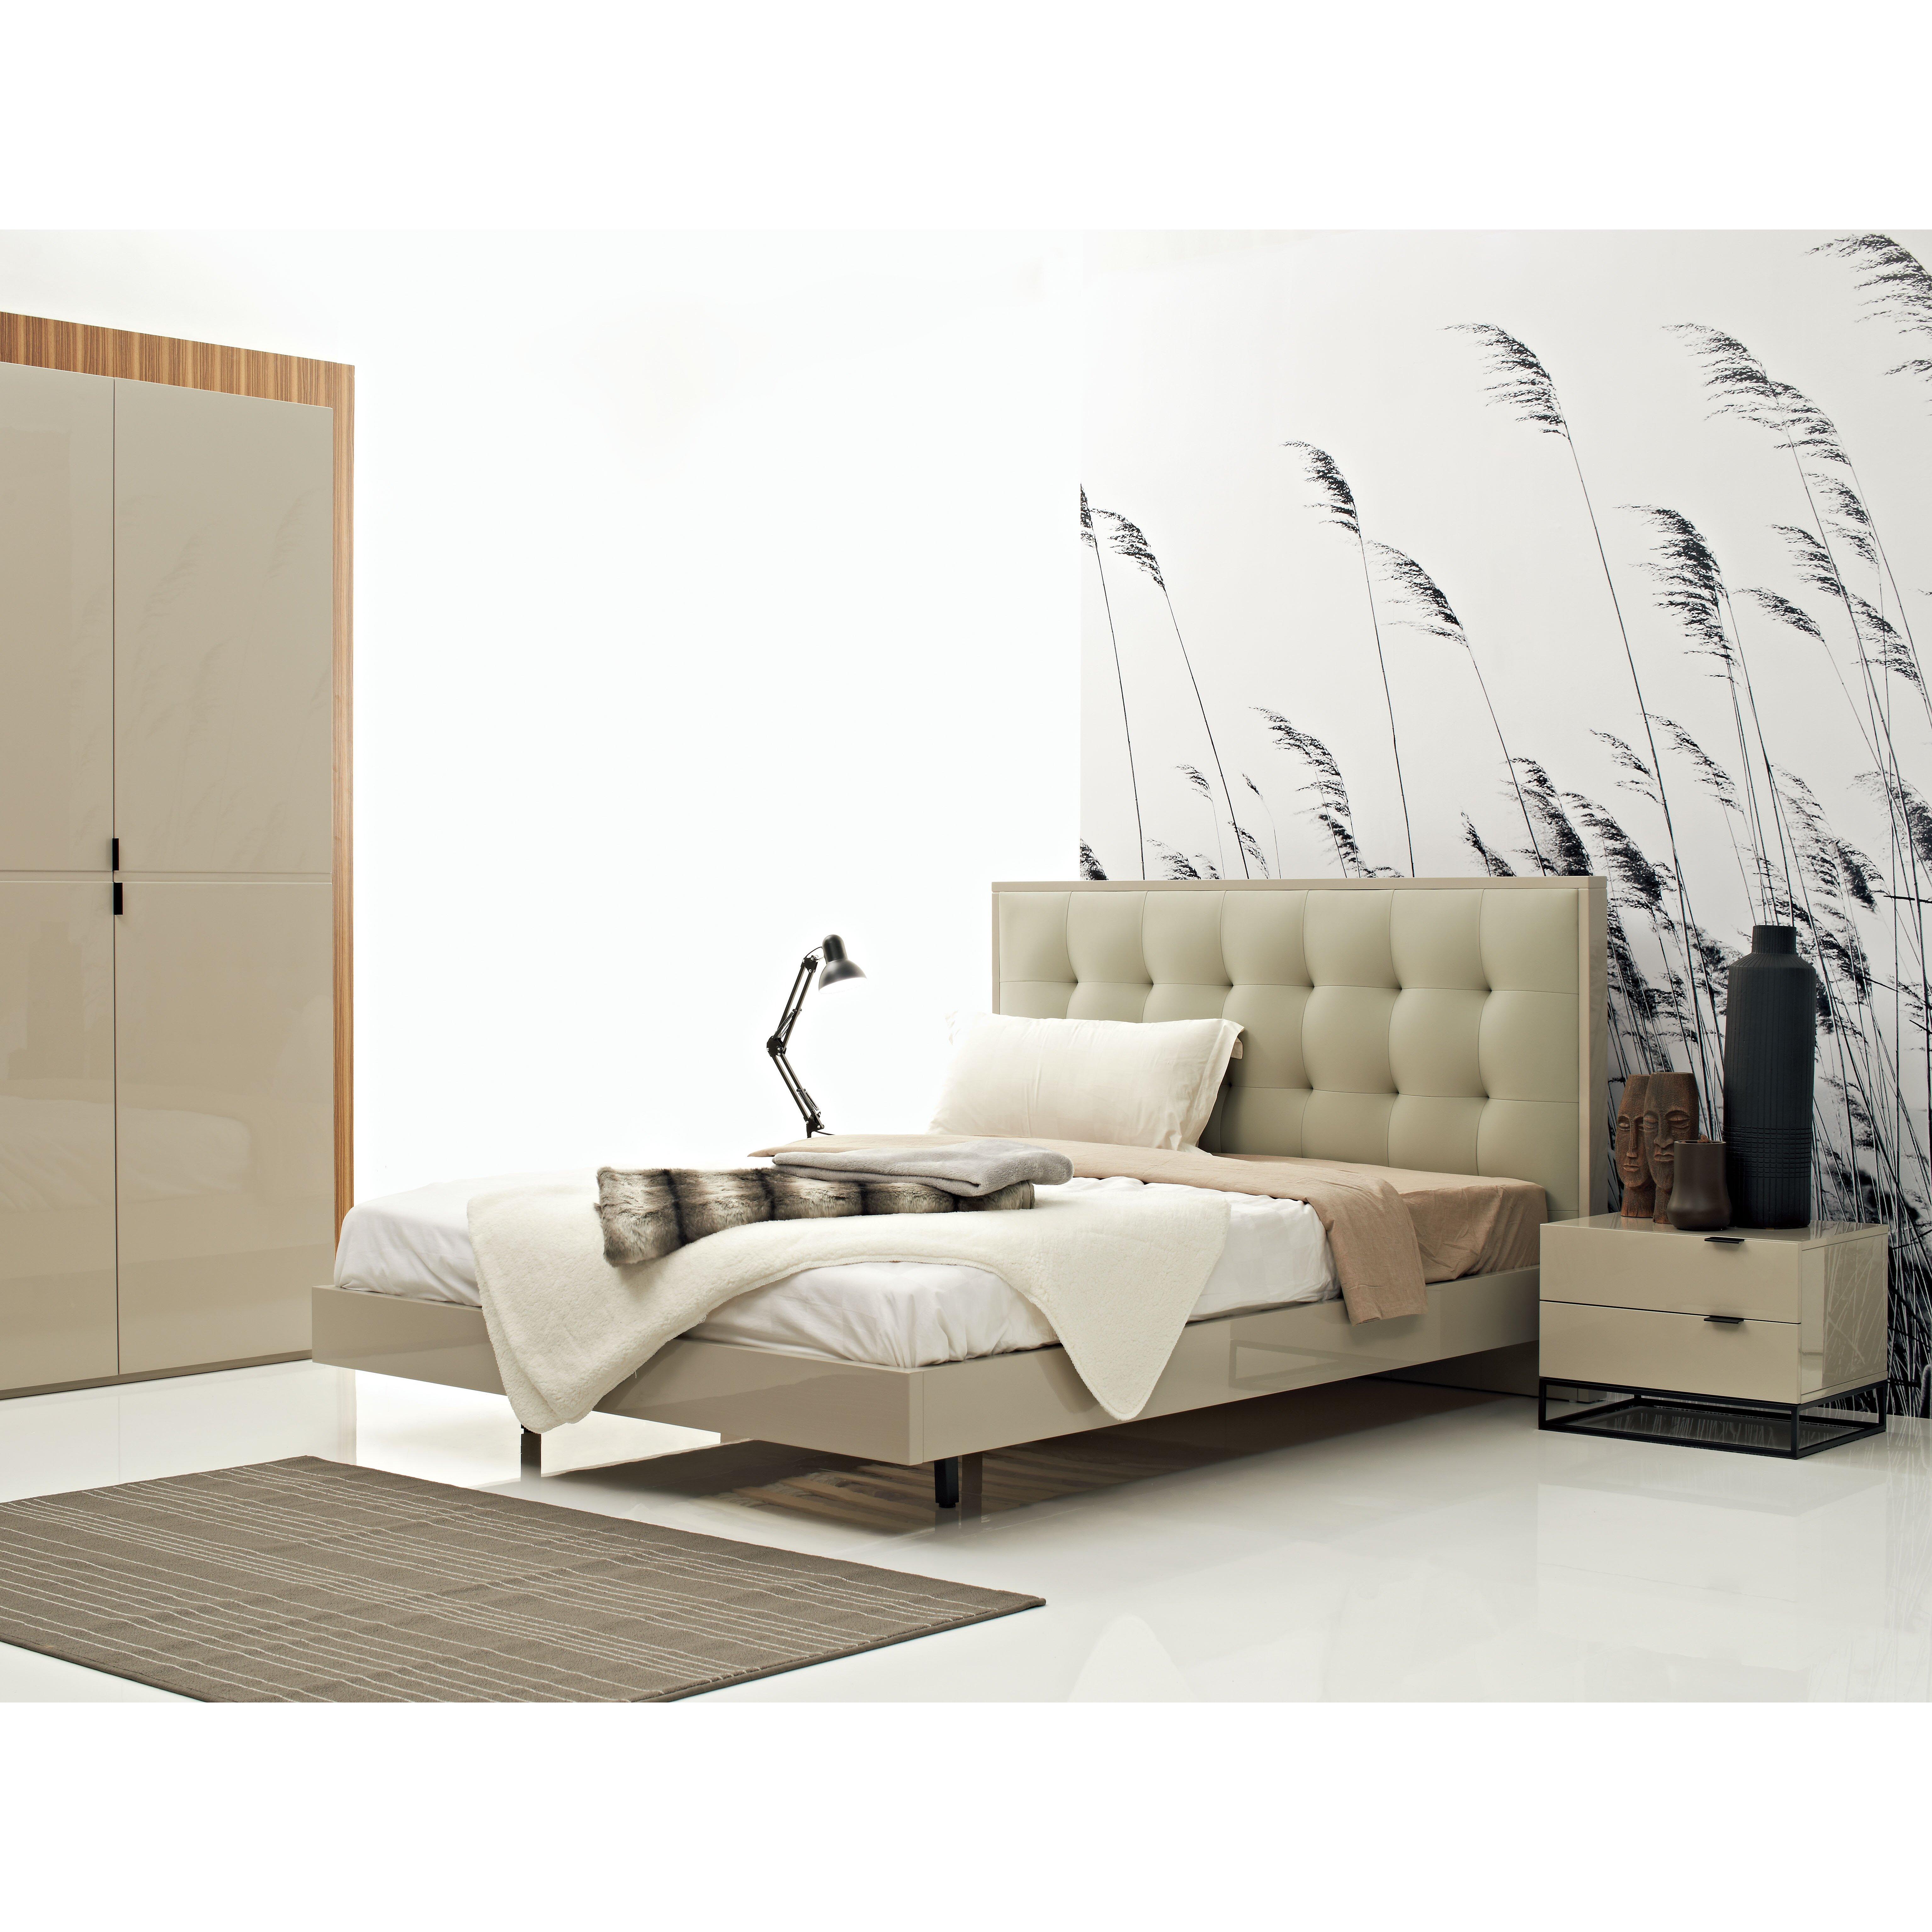 argo furniture devitto queen platform customizable bedroom